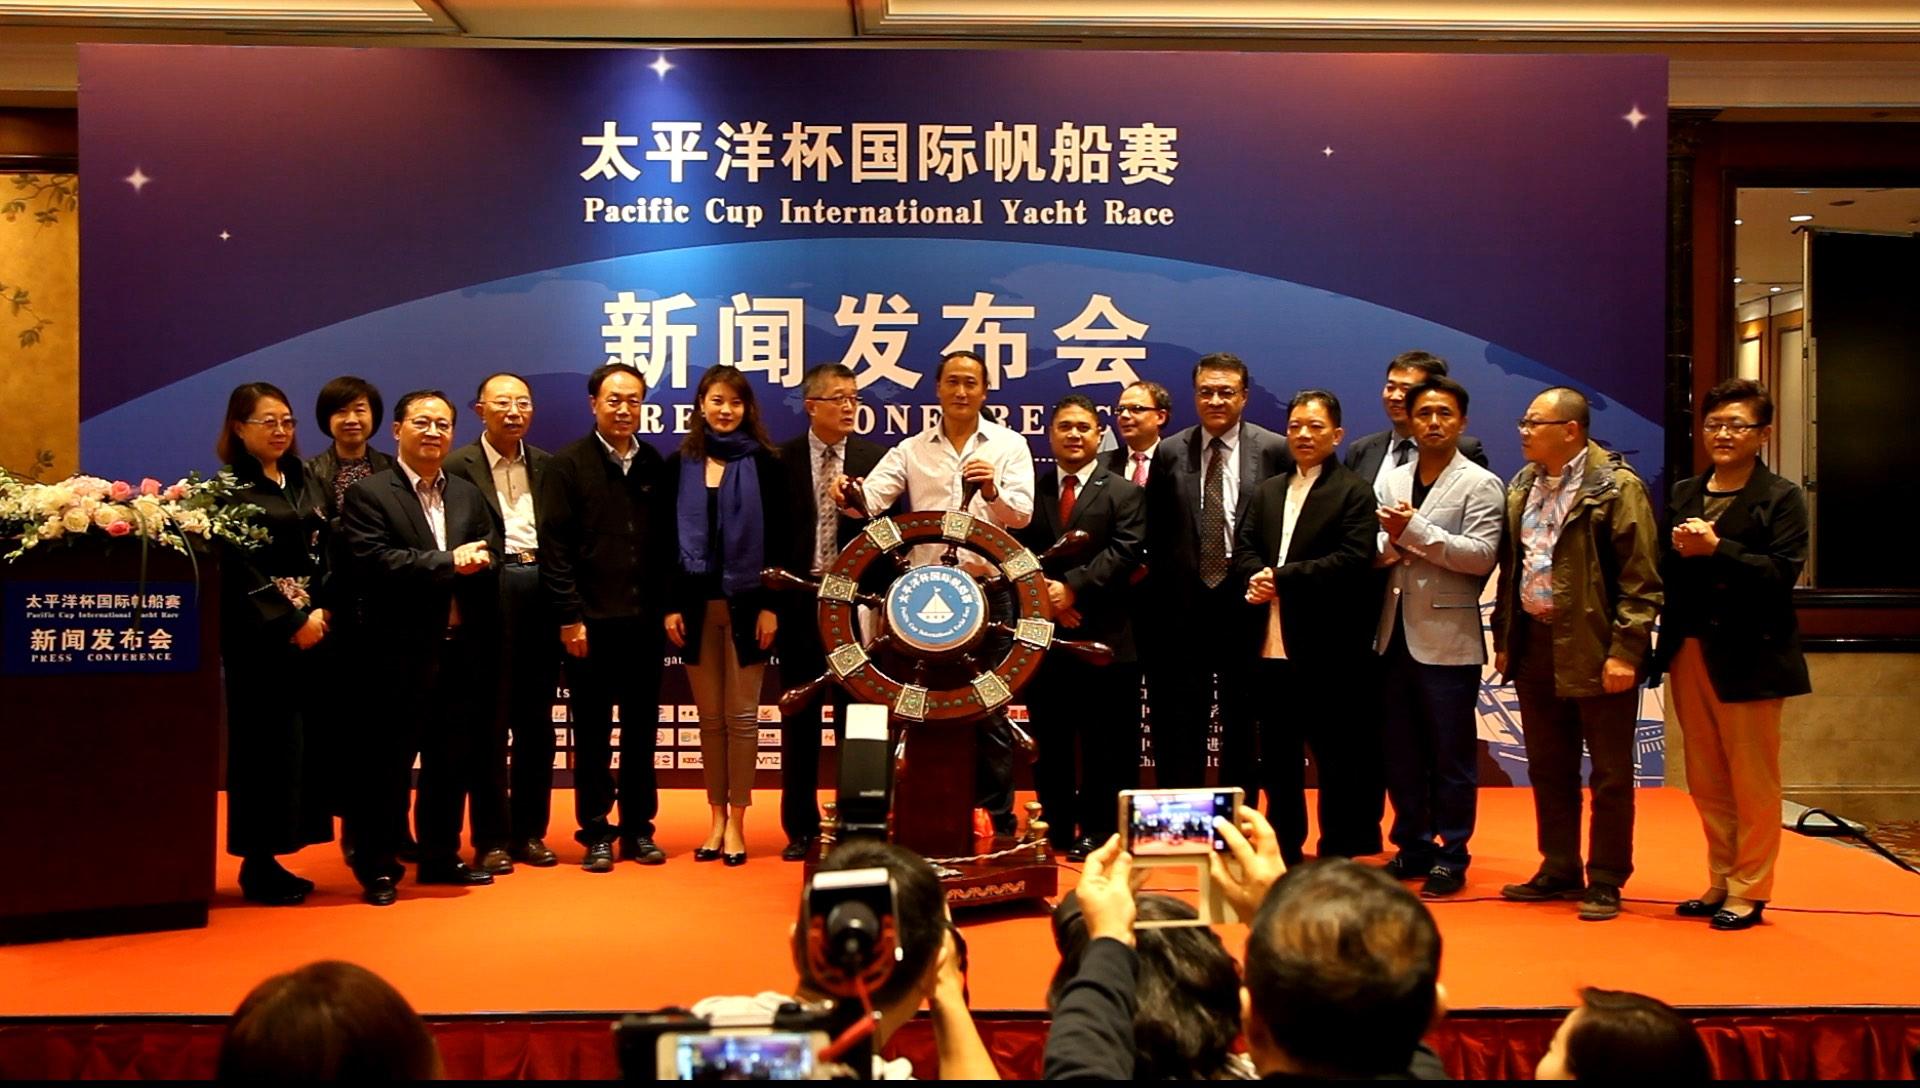 [视频直播]聚焦太平洋杯国际帆船赛启动仪式 MVI_8559[00_00_43][20161012-193746-0].jpg